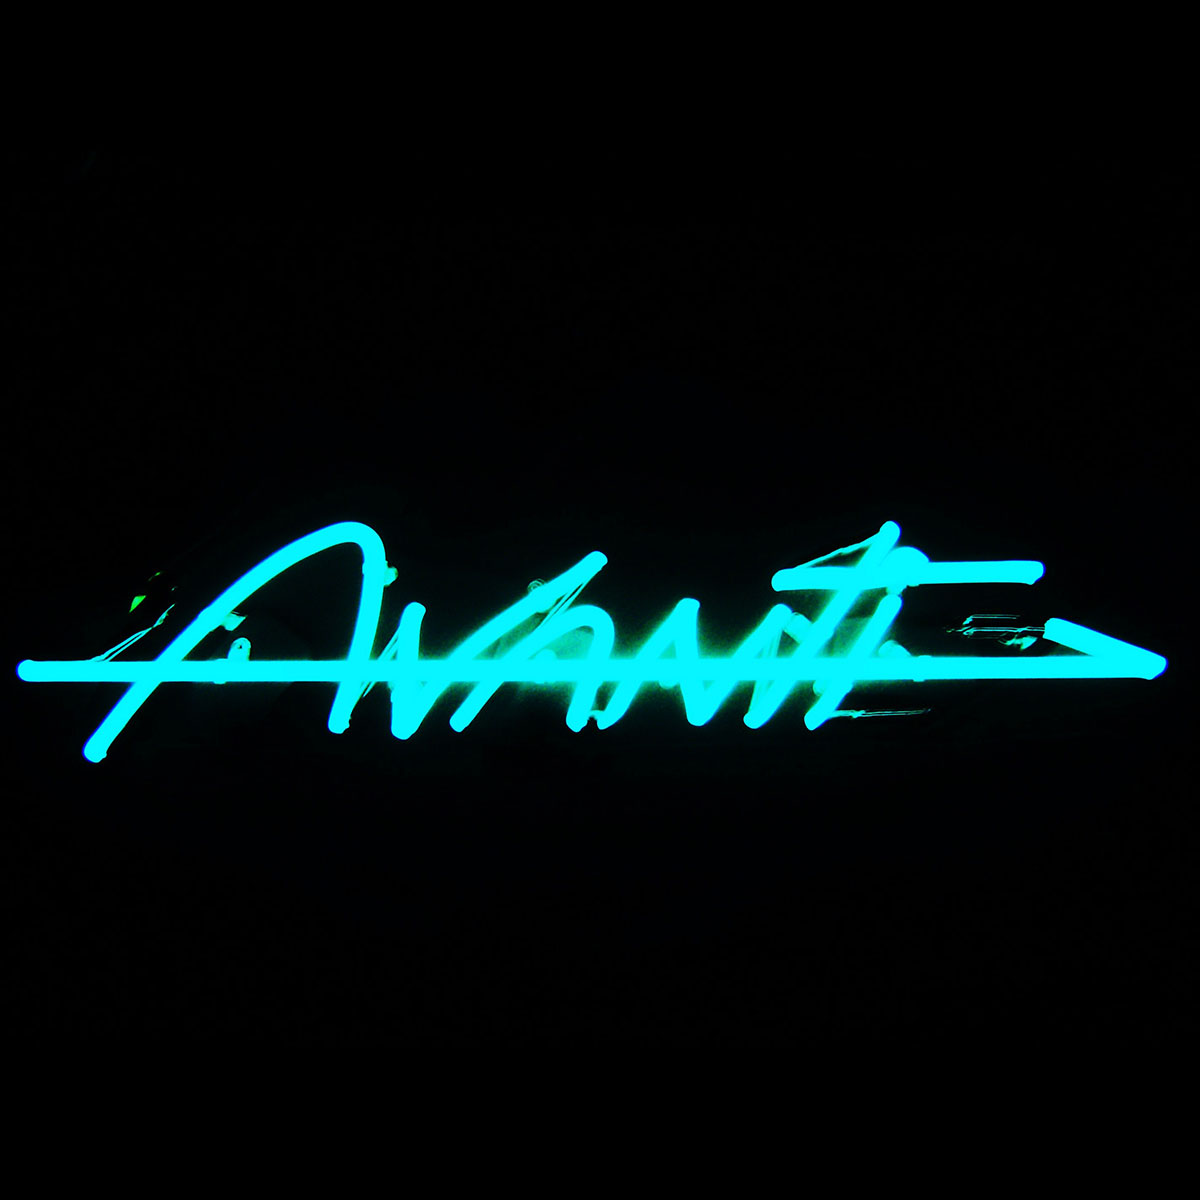 Avanti-neon-1200x1200.jpg